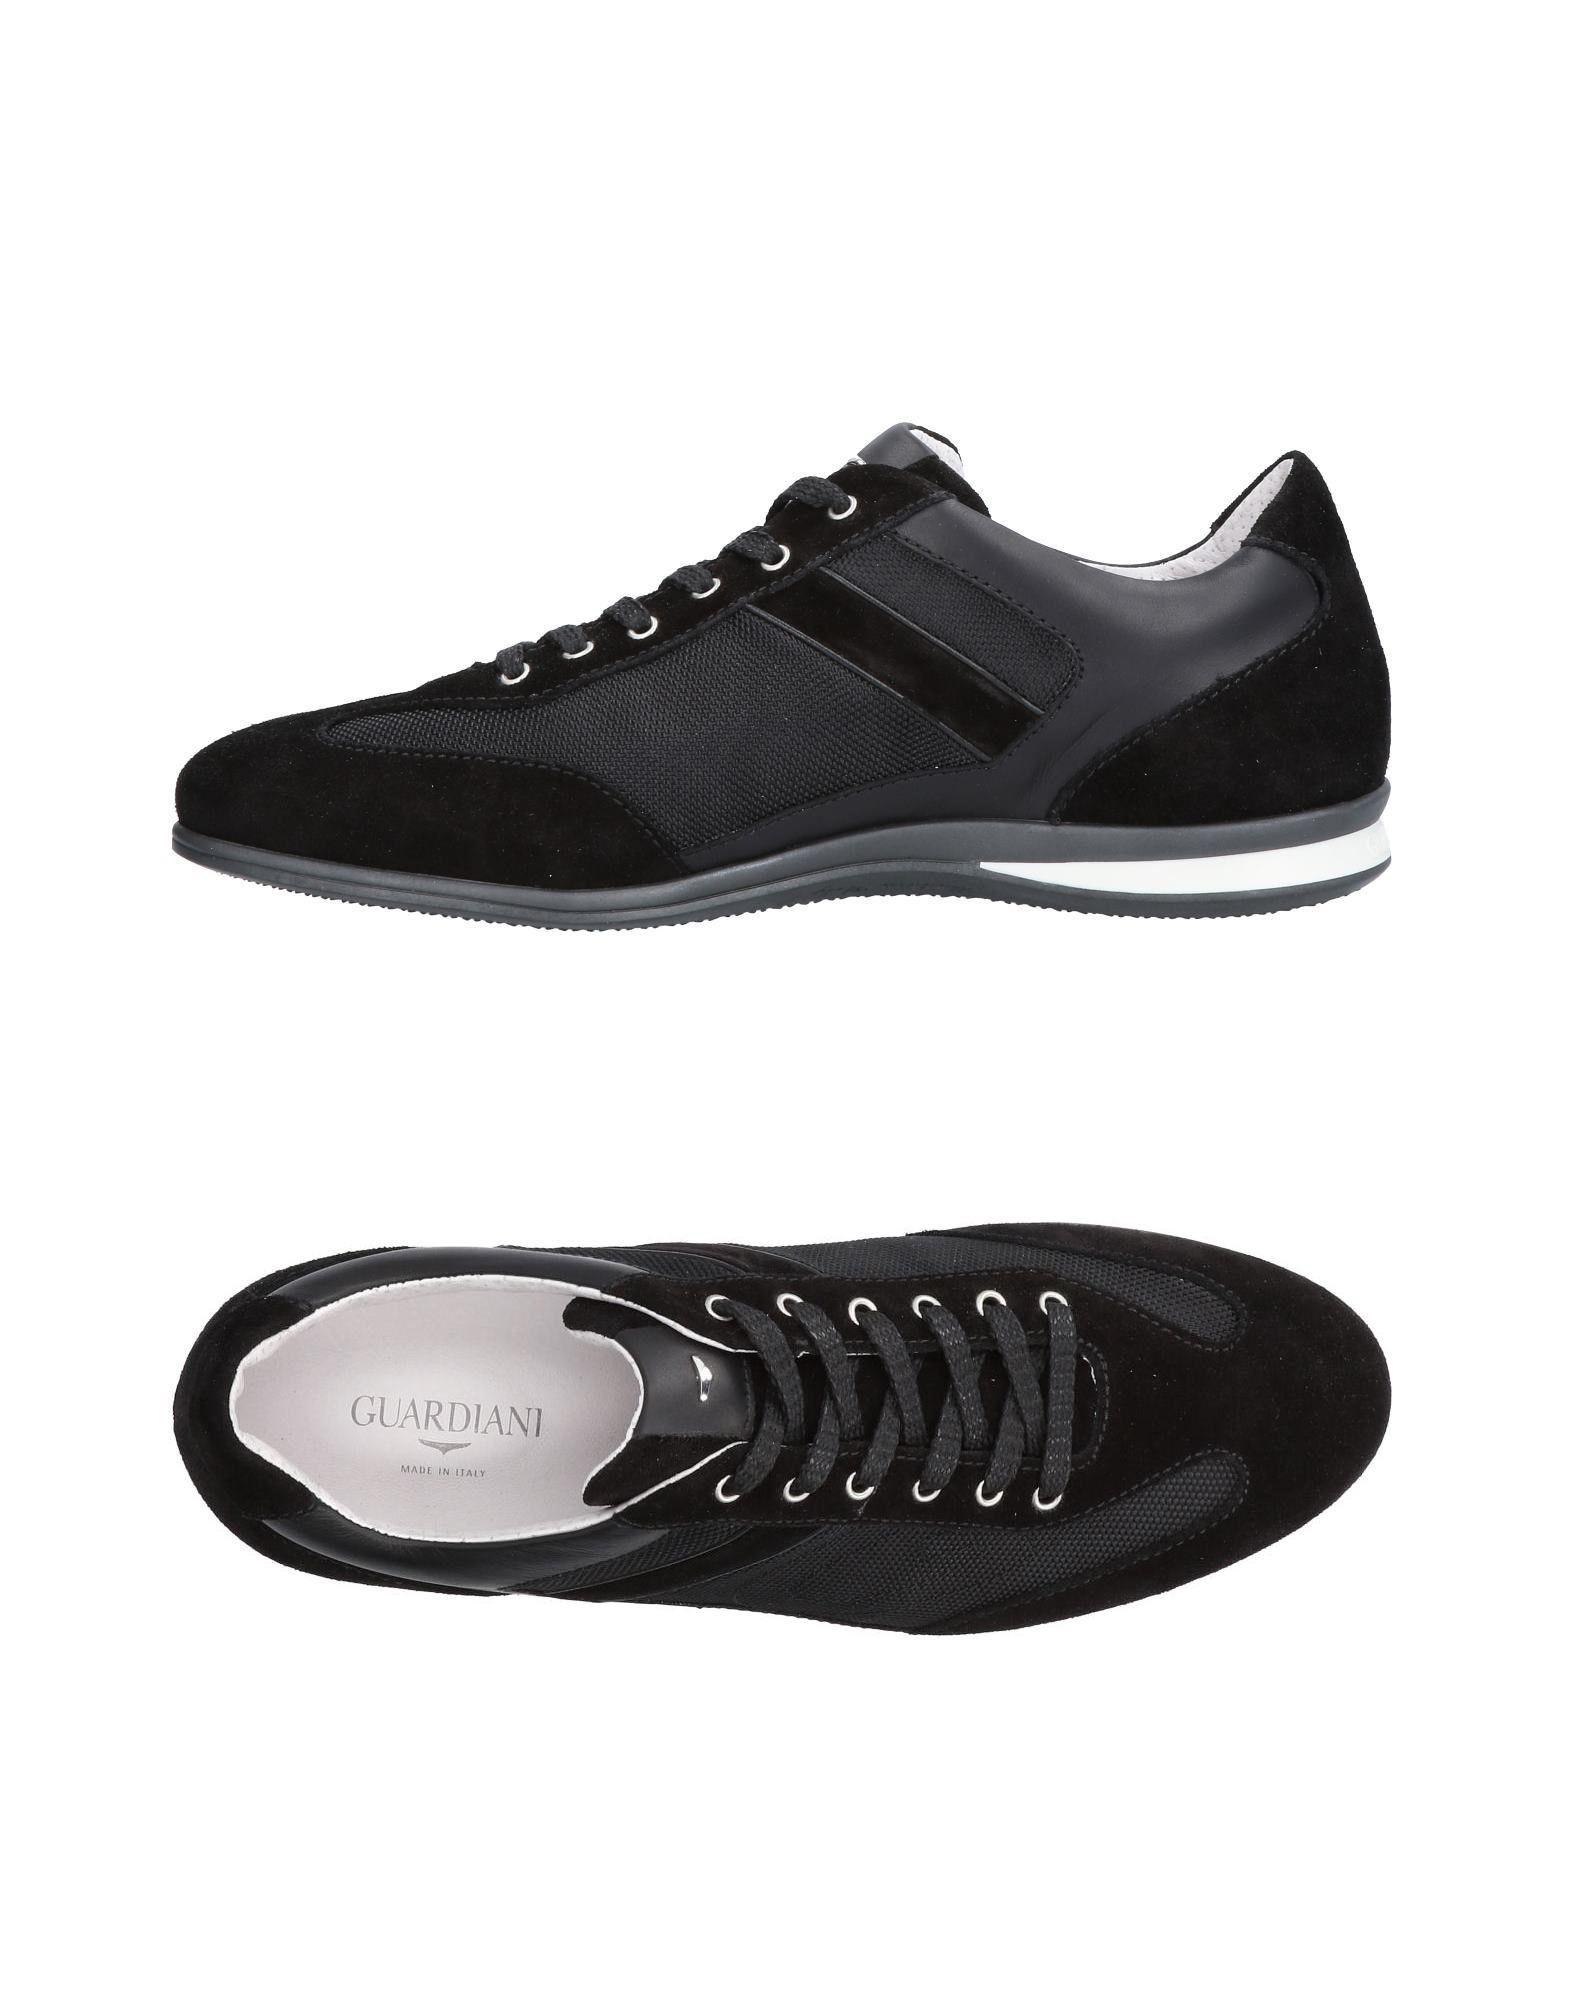 Alberto Guardiani Sneakers Herren  11475478IK Gute Qualität beliebte Schuhe